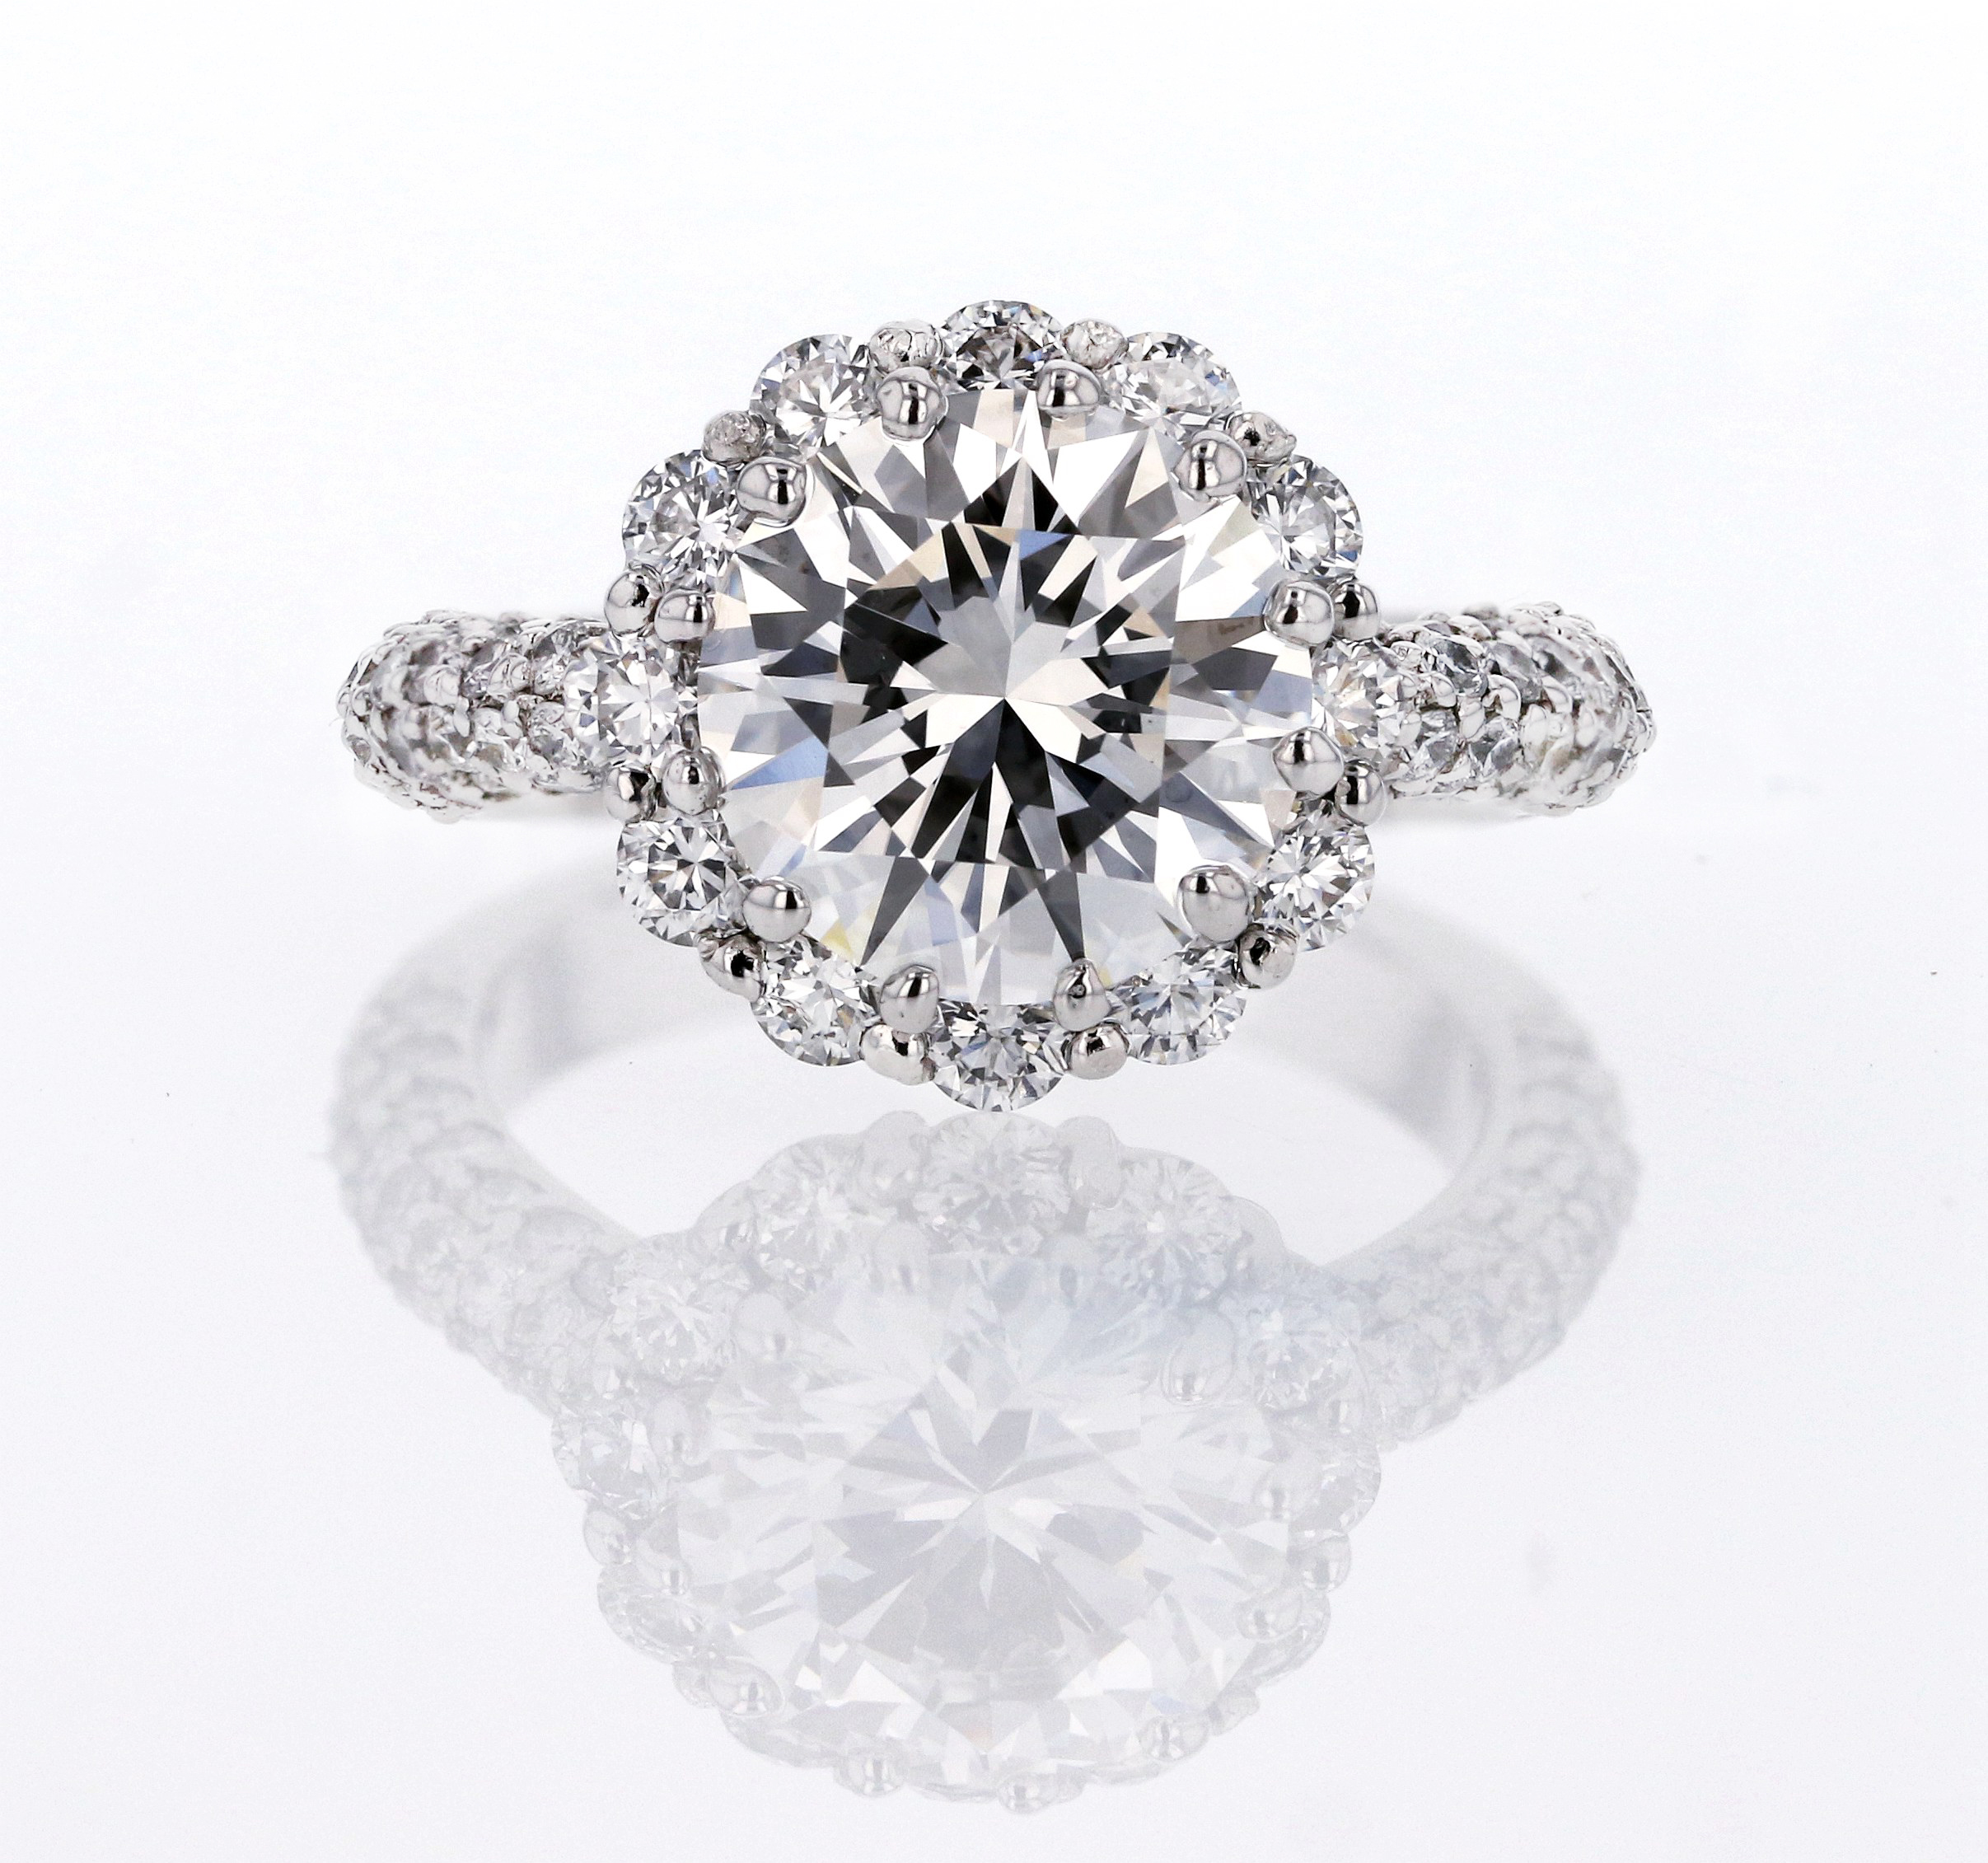 Amanda original ring